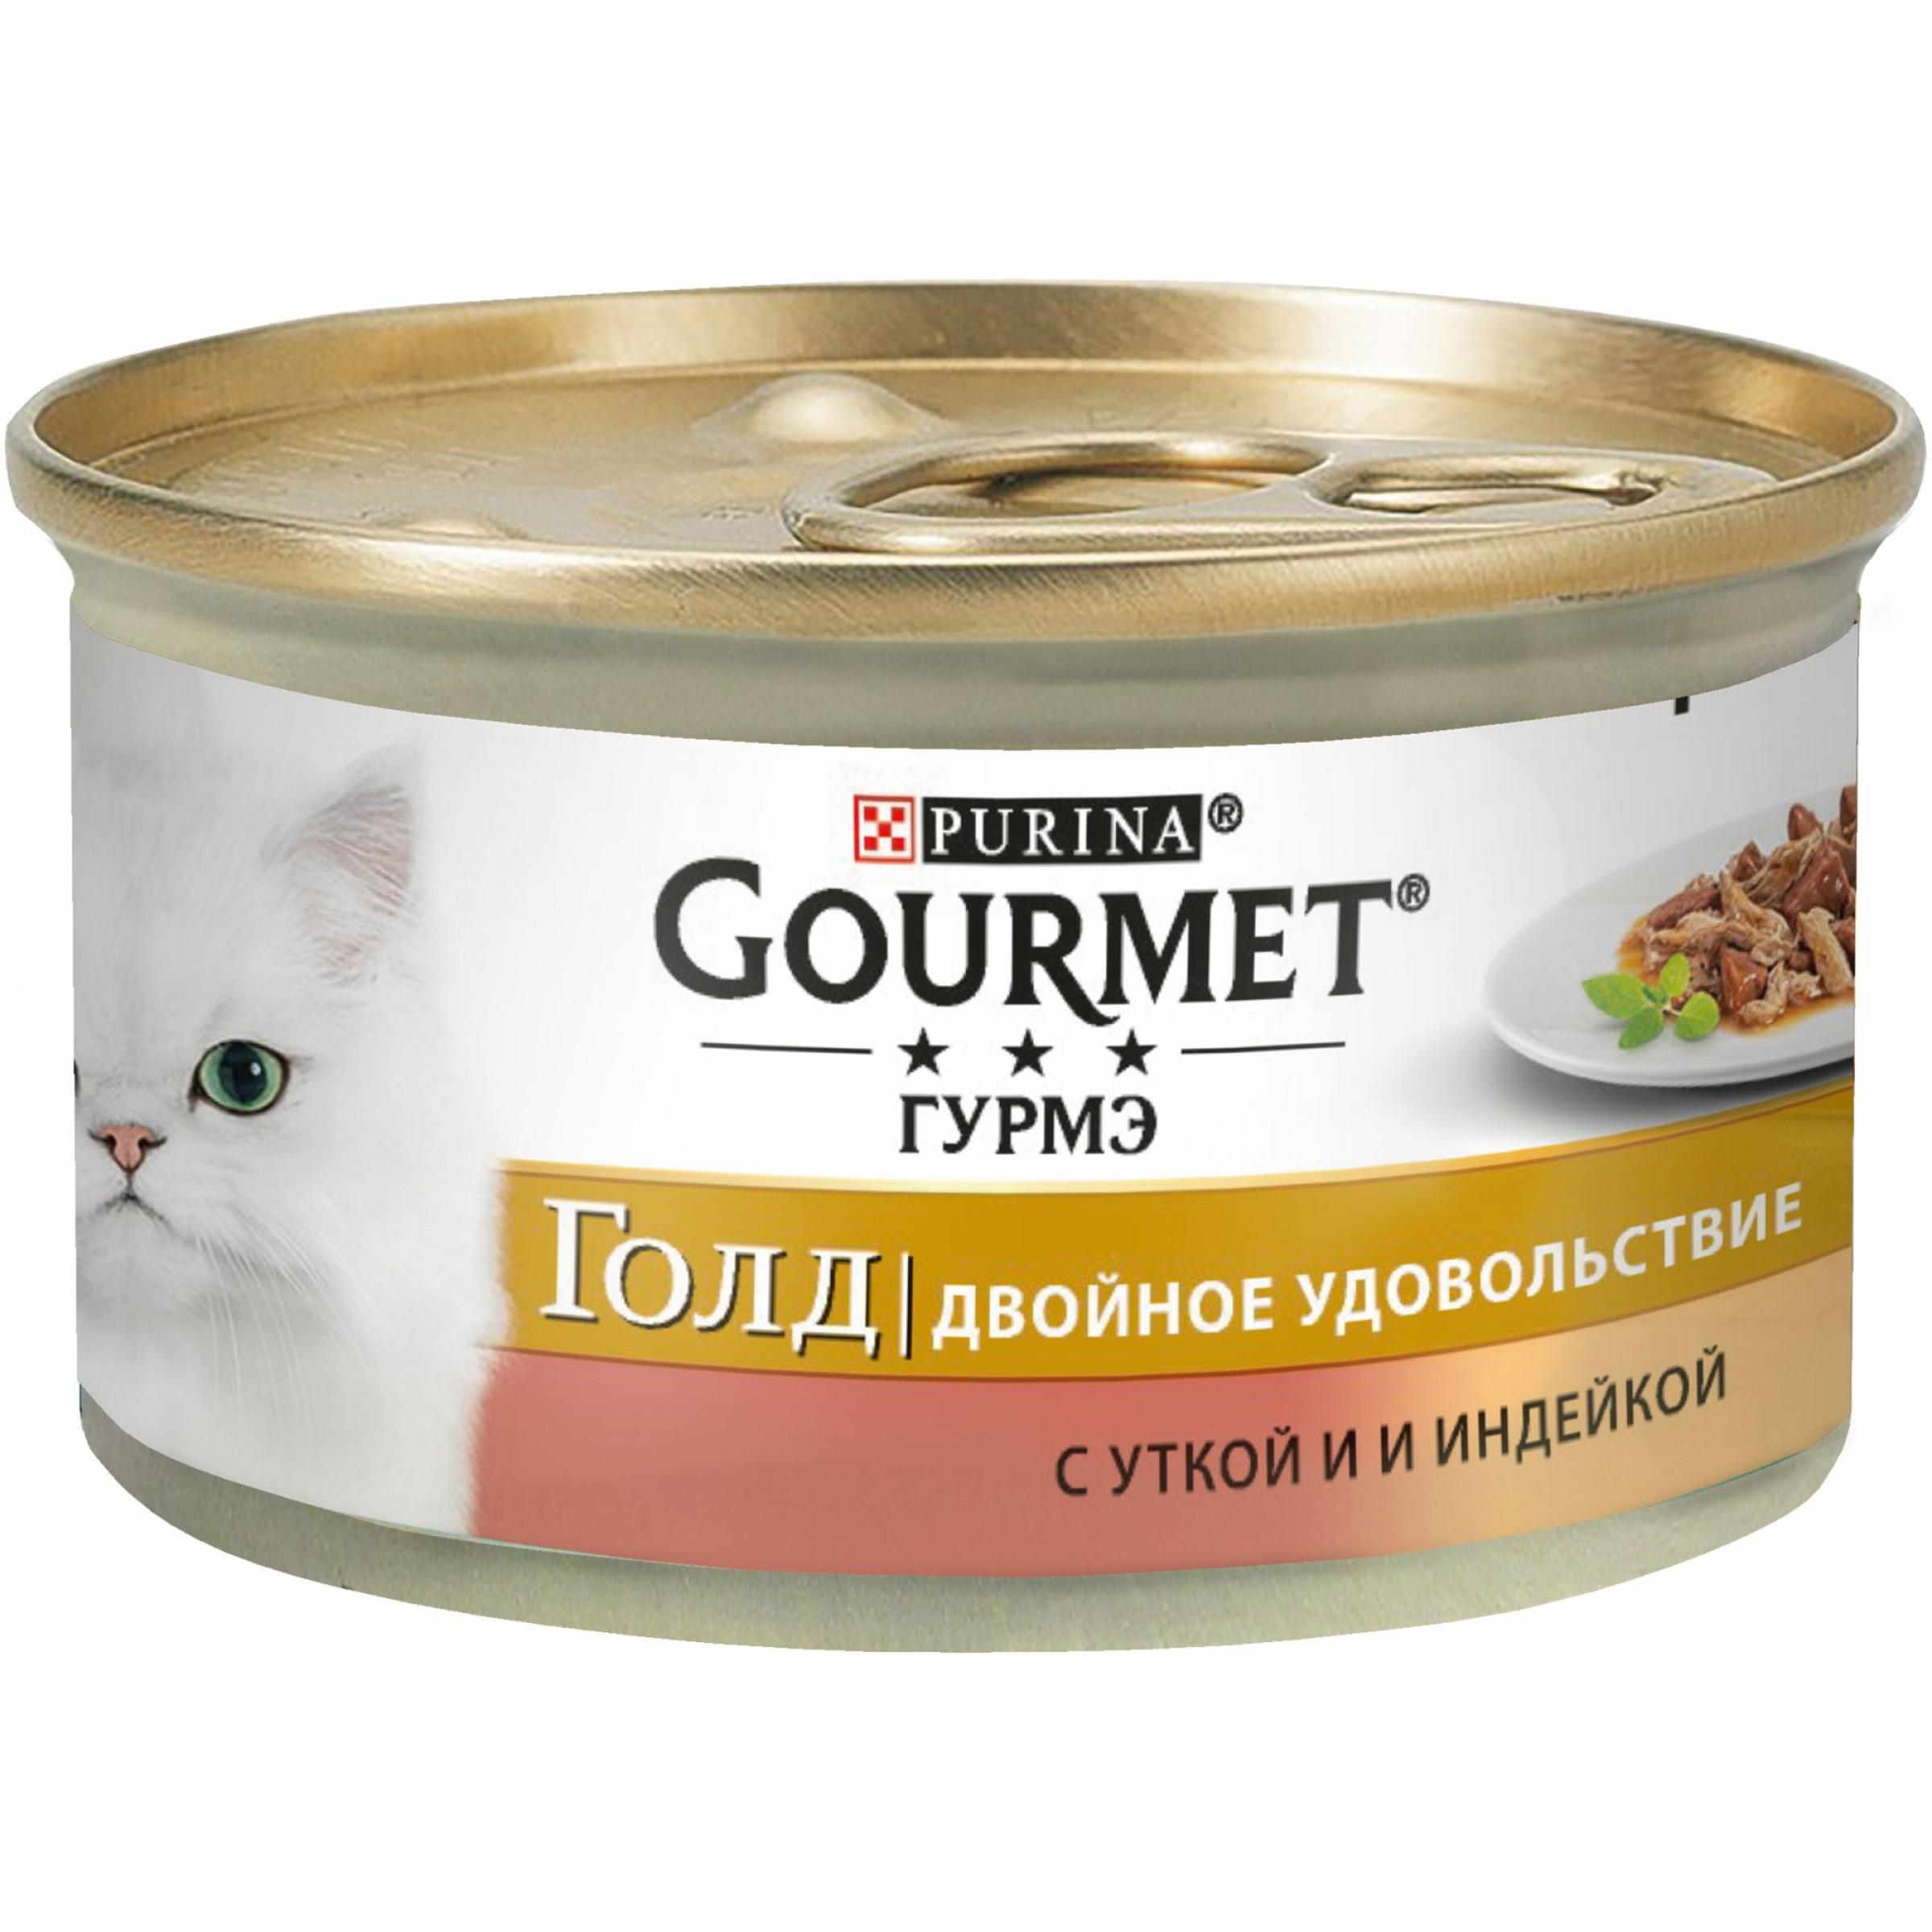 Влажный корм для кошек GOURMET Gold Duo кусочки в соусе утка и индейка, 85 гр